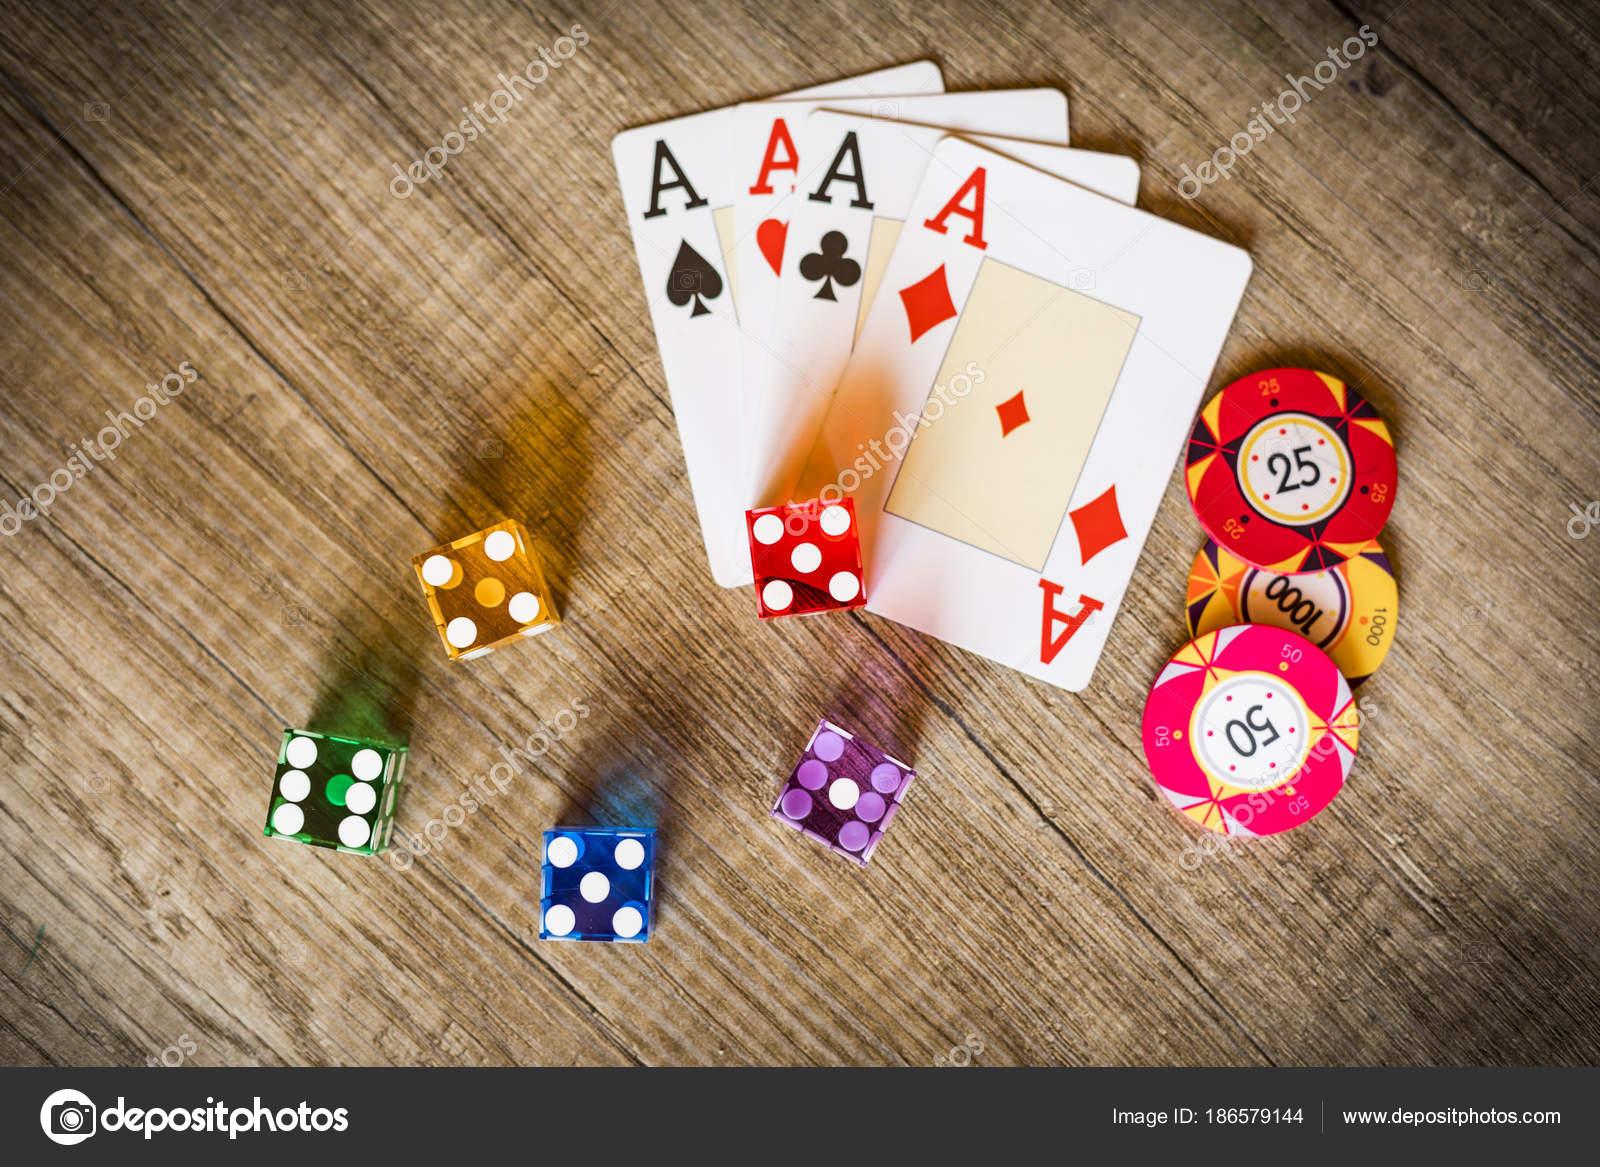 Игровые автоматы играть онлайн бесплатно играть в казино